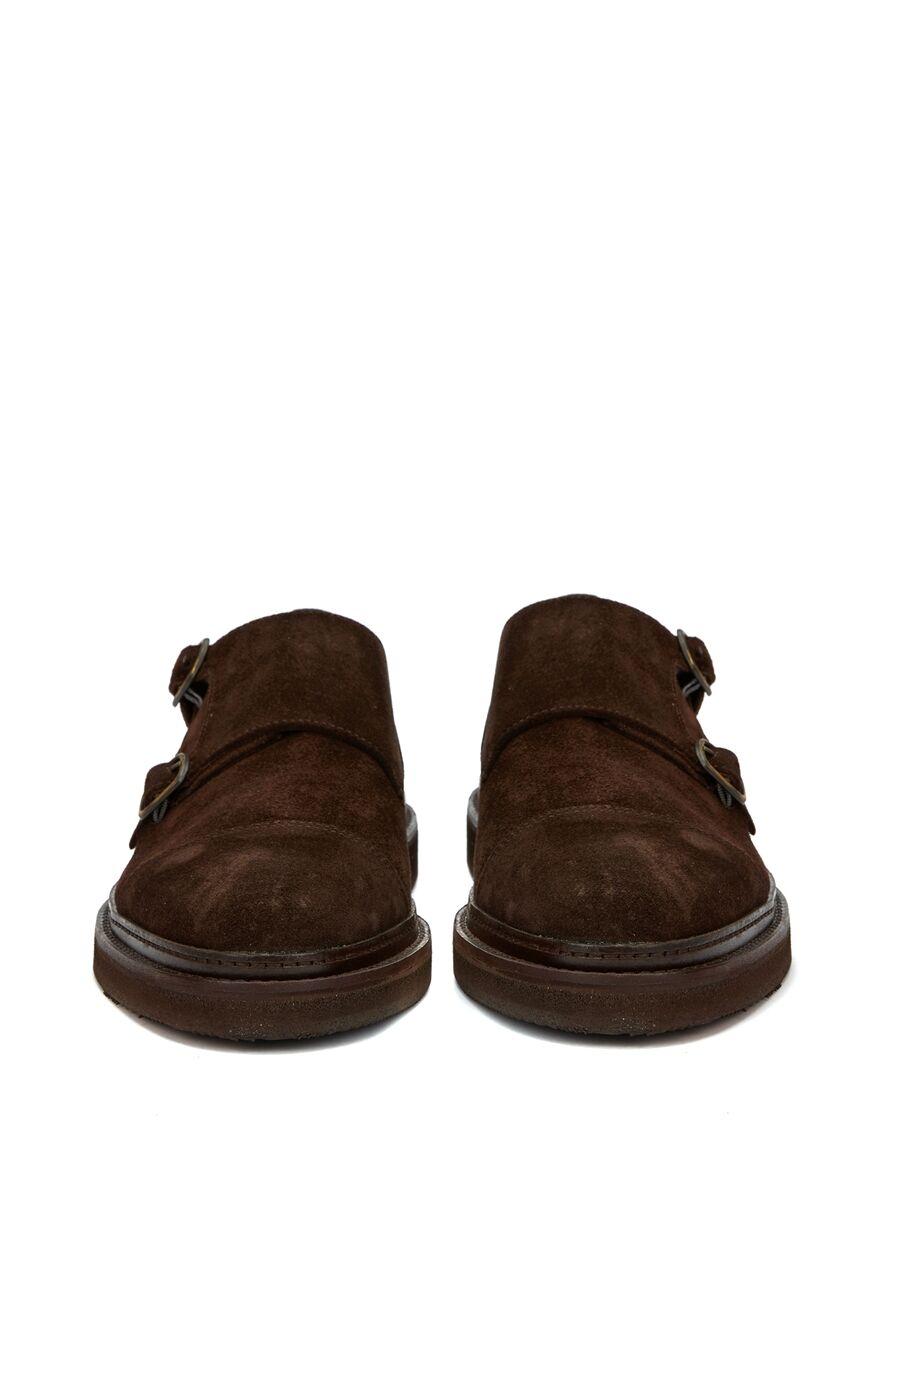 Çift Kemer Detaylı Erkek Ayakkabı